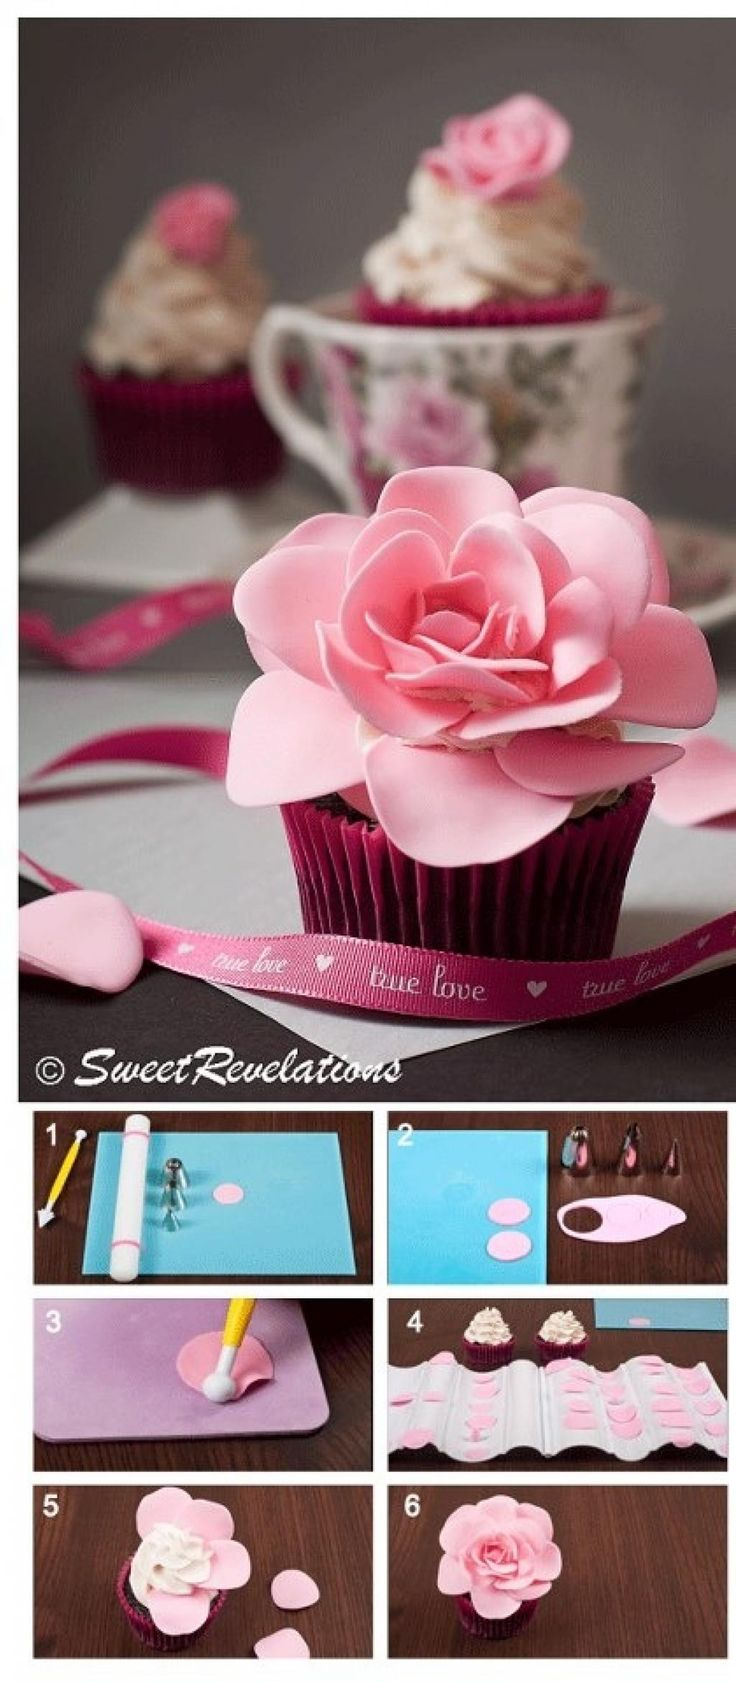 Ces minis tutoriels photo vous aideront si vous travailler la pâte à sucre ou d'amande (fondant) pour décorer les gâteaux! Mais, ils seront aussi utiles si vous travaillez la pâte fimo! La pâte polymère se travaille exactement de la même façon, et av